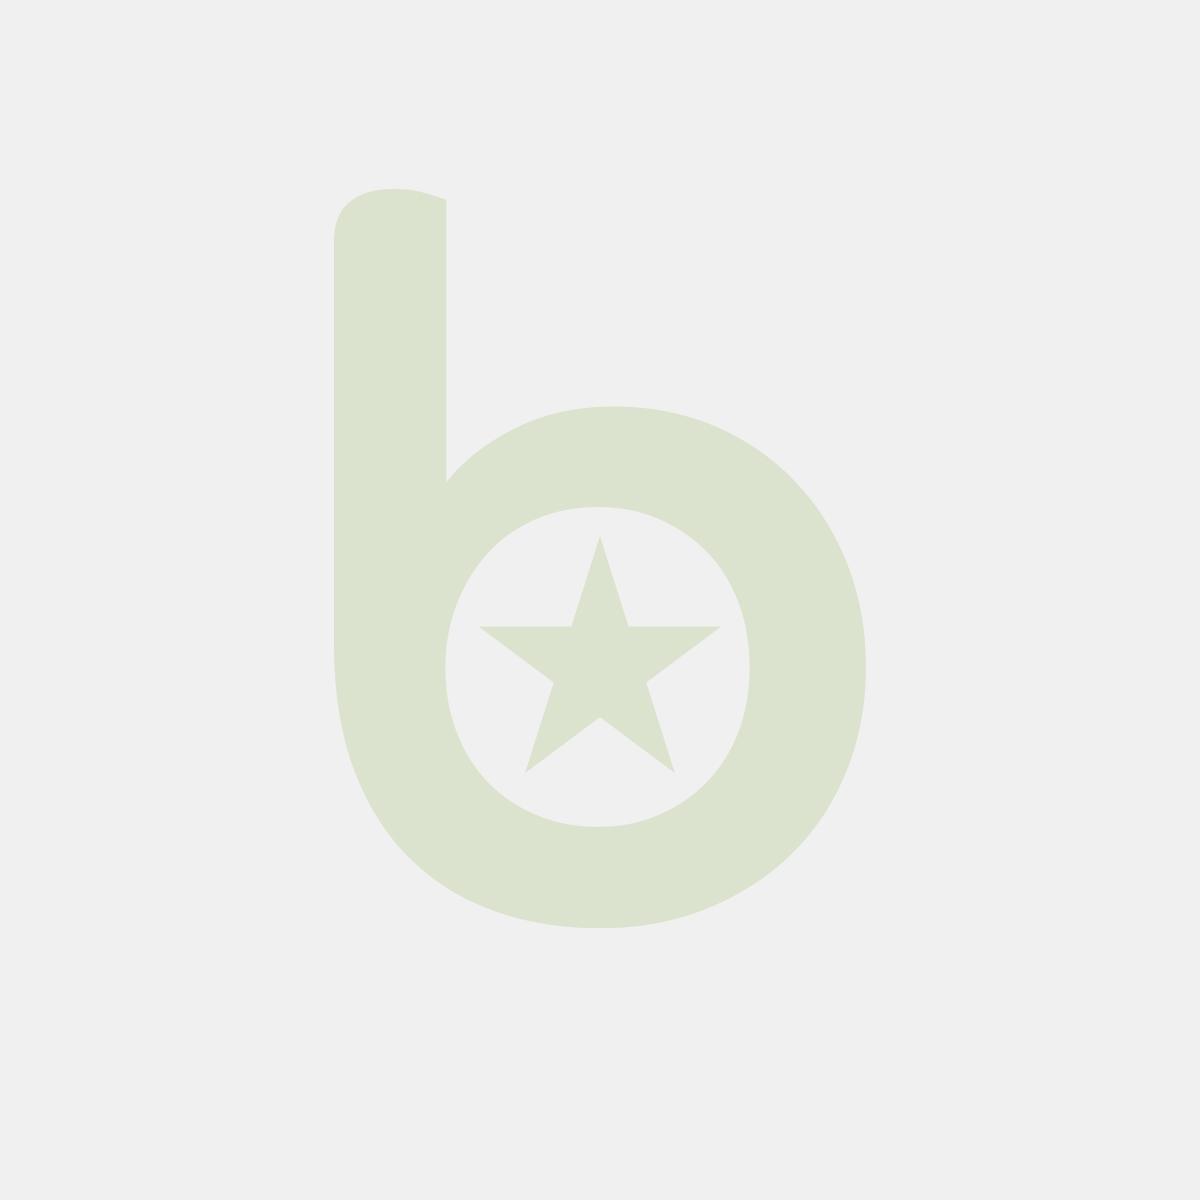 Taca Linea Snow z melaminy GN1/4 biała 26,3x16 cm